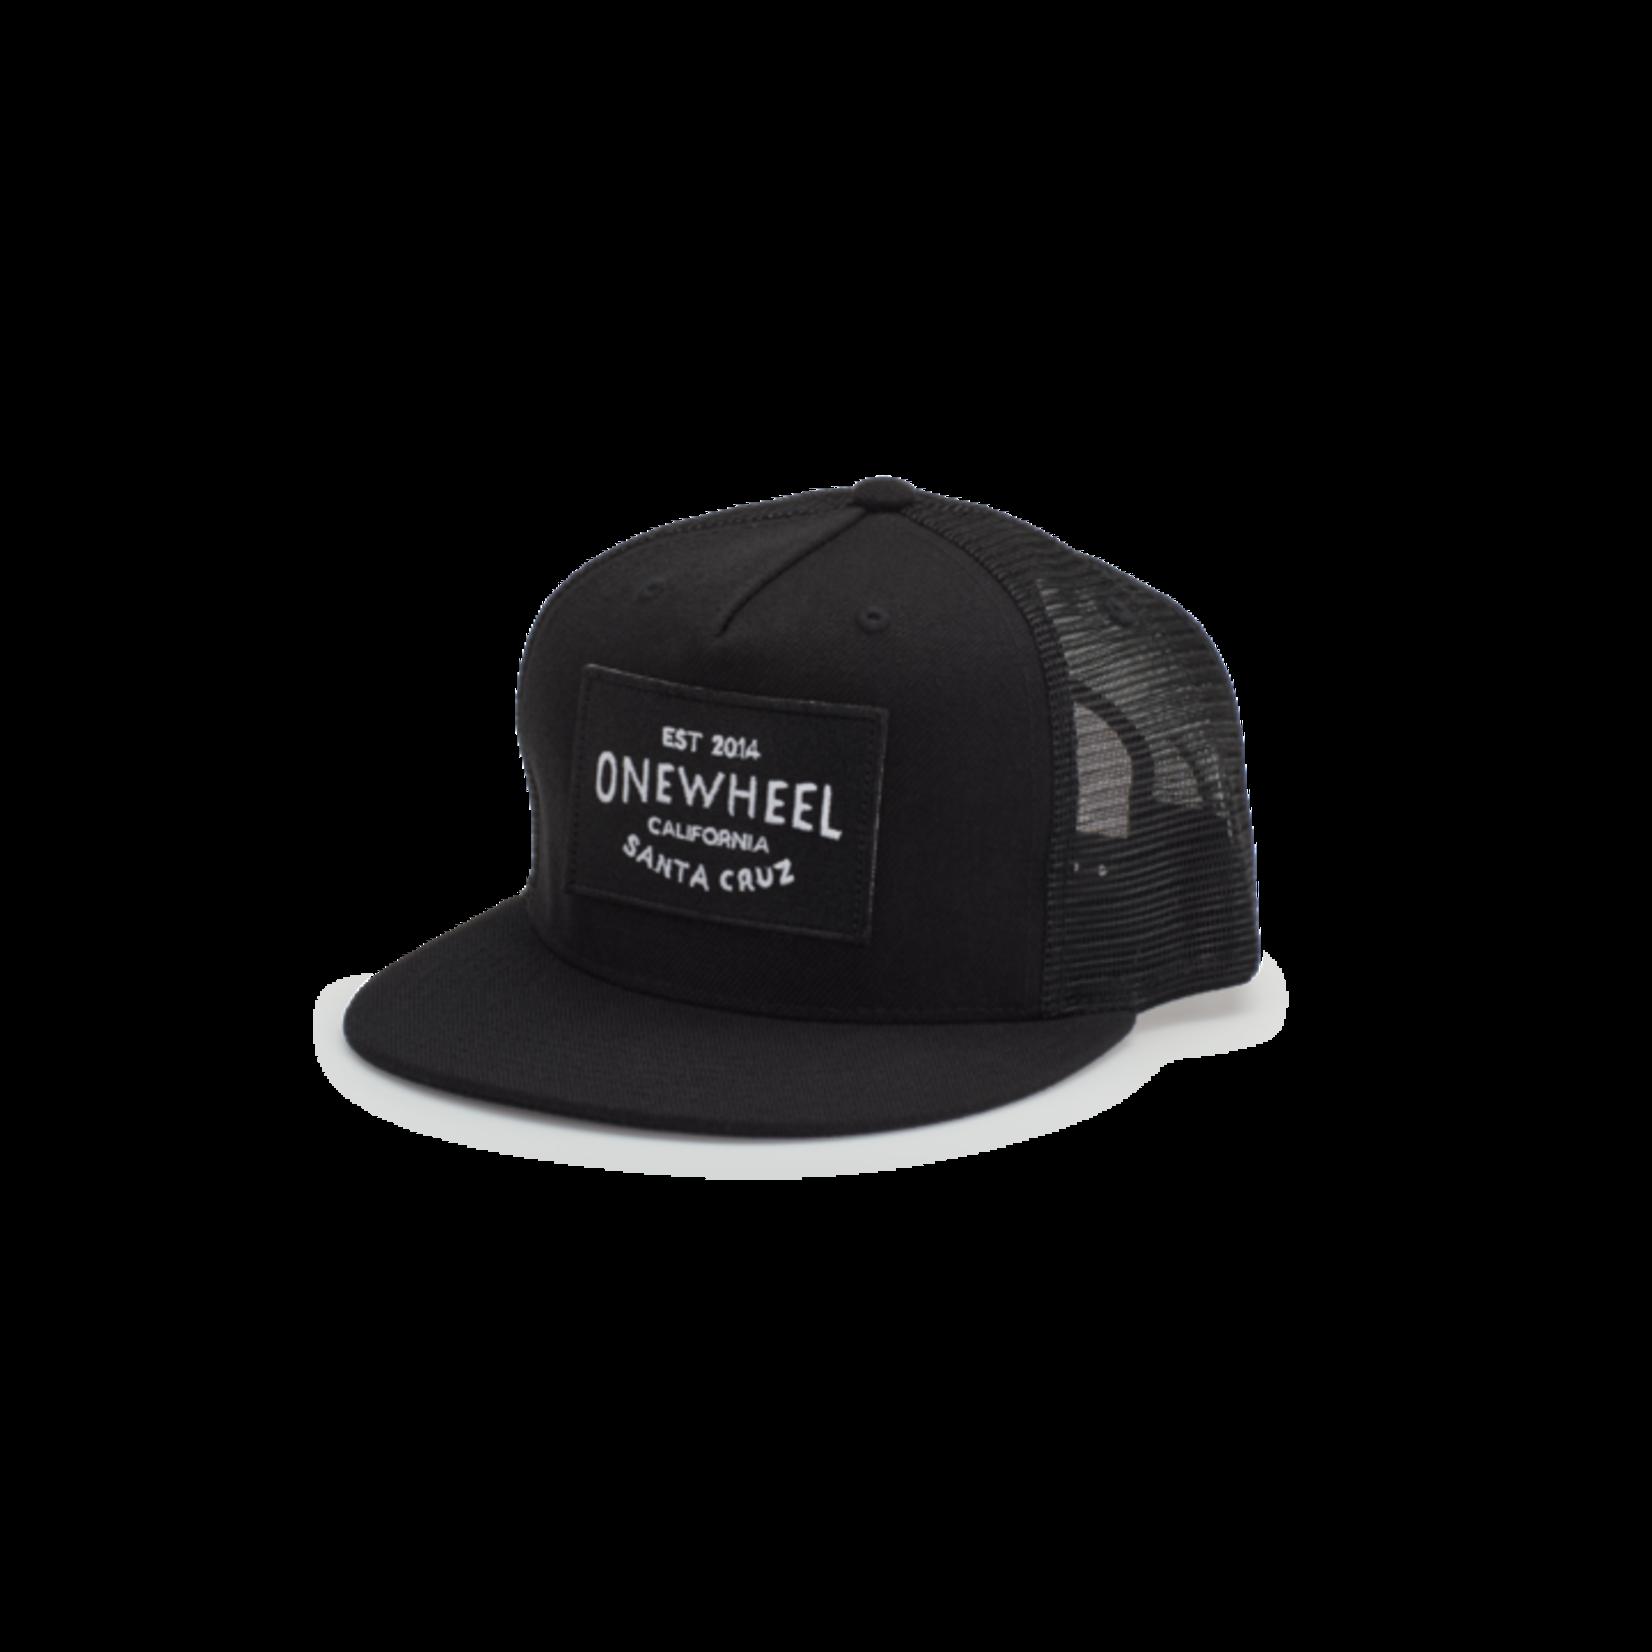 Onewheel Onewheel Trucker Hat